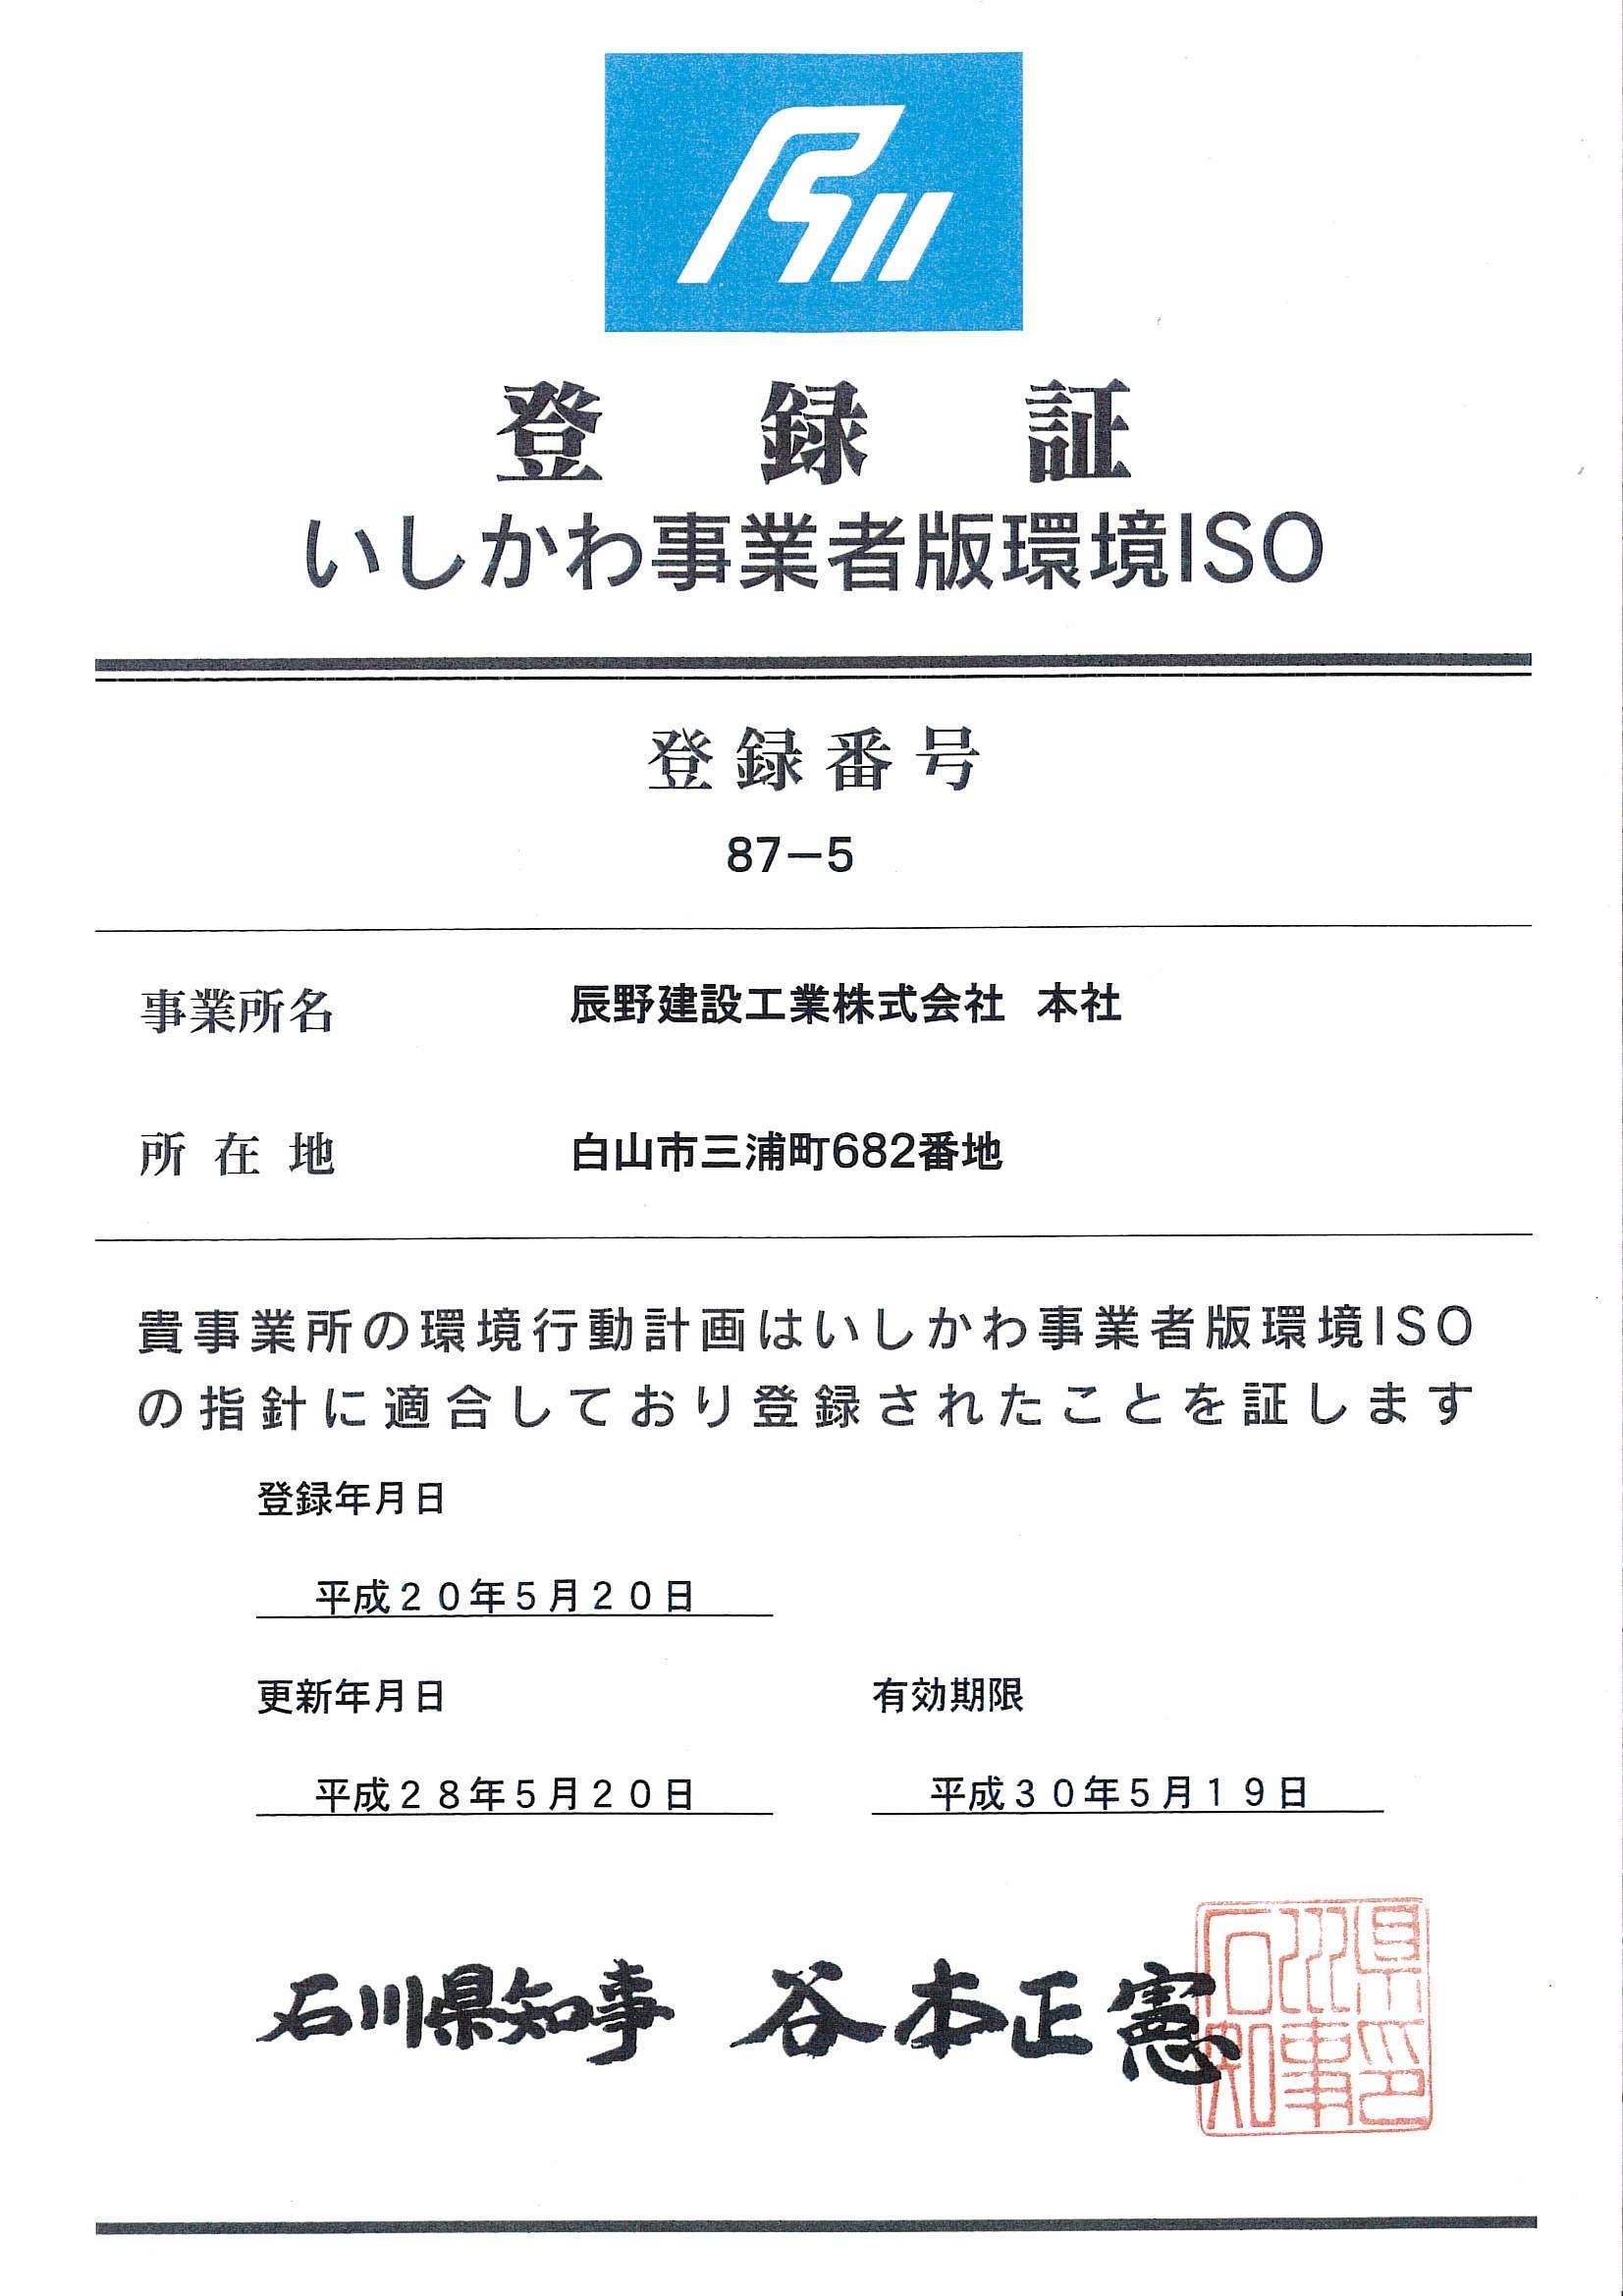 いしかわ版環境ISO